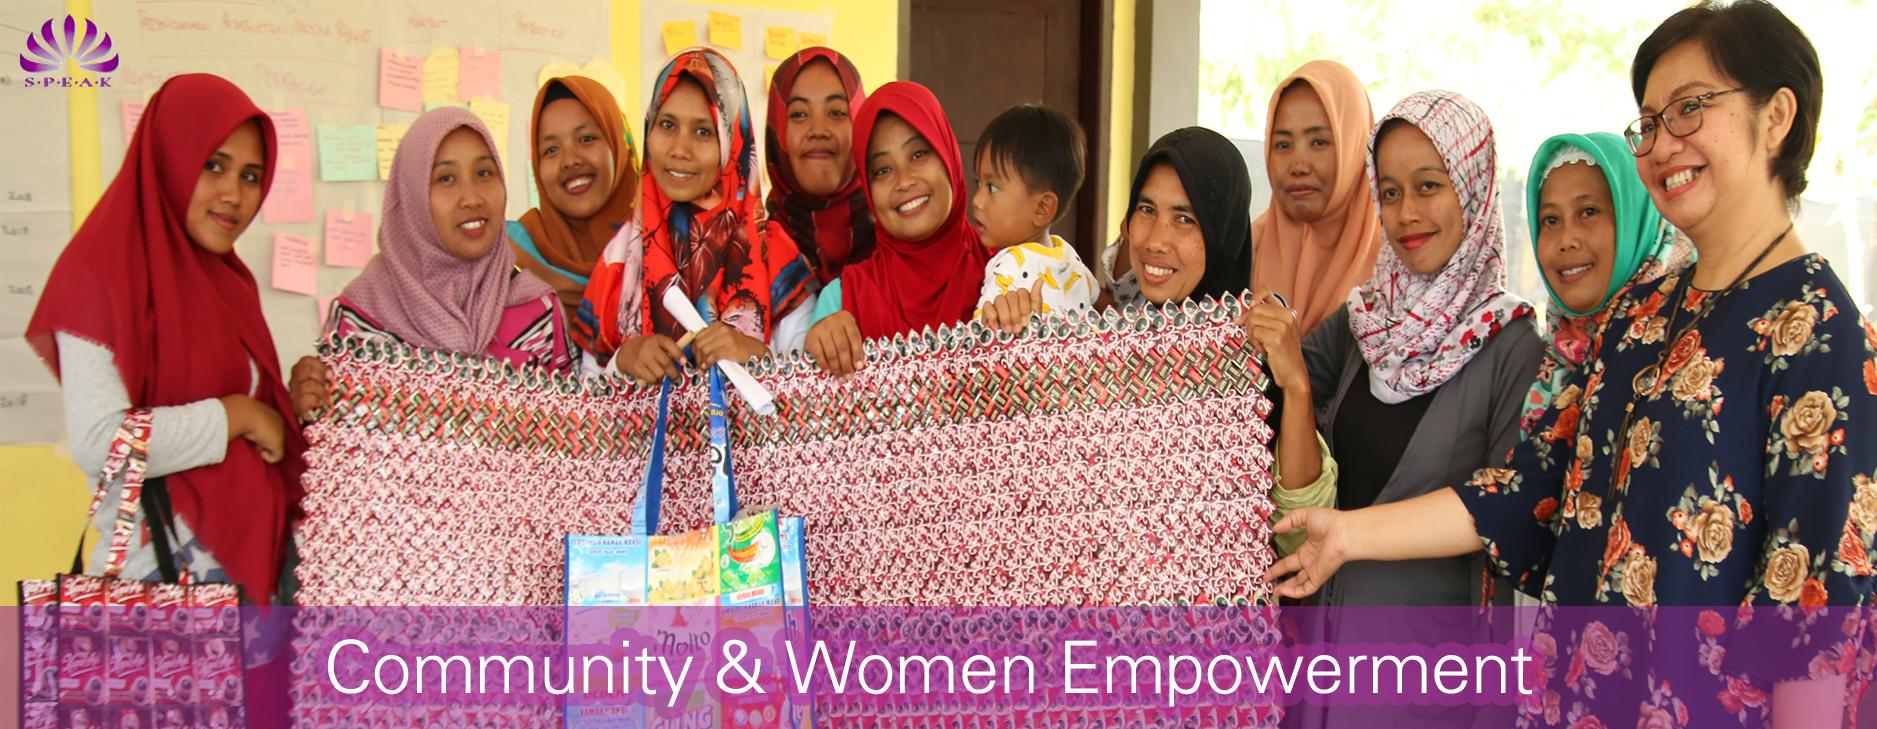 Community and Women Empowerment